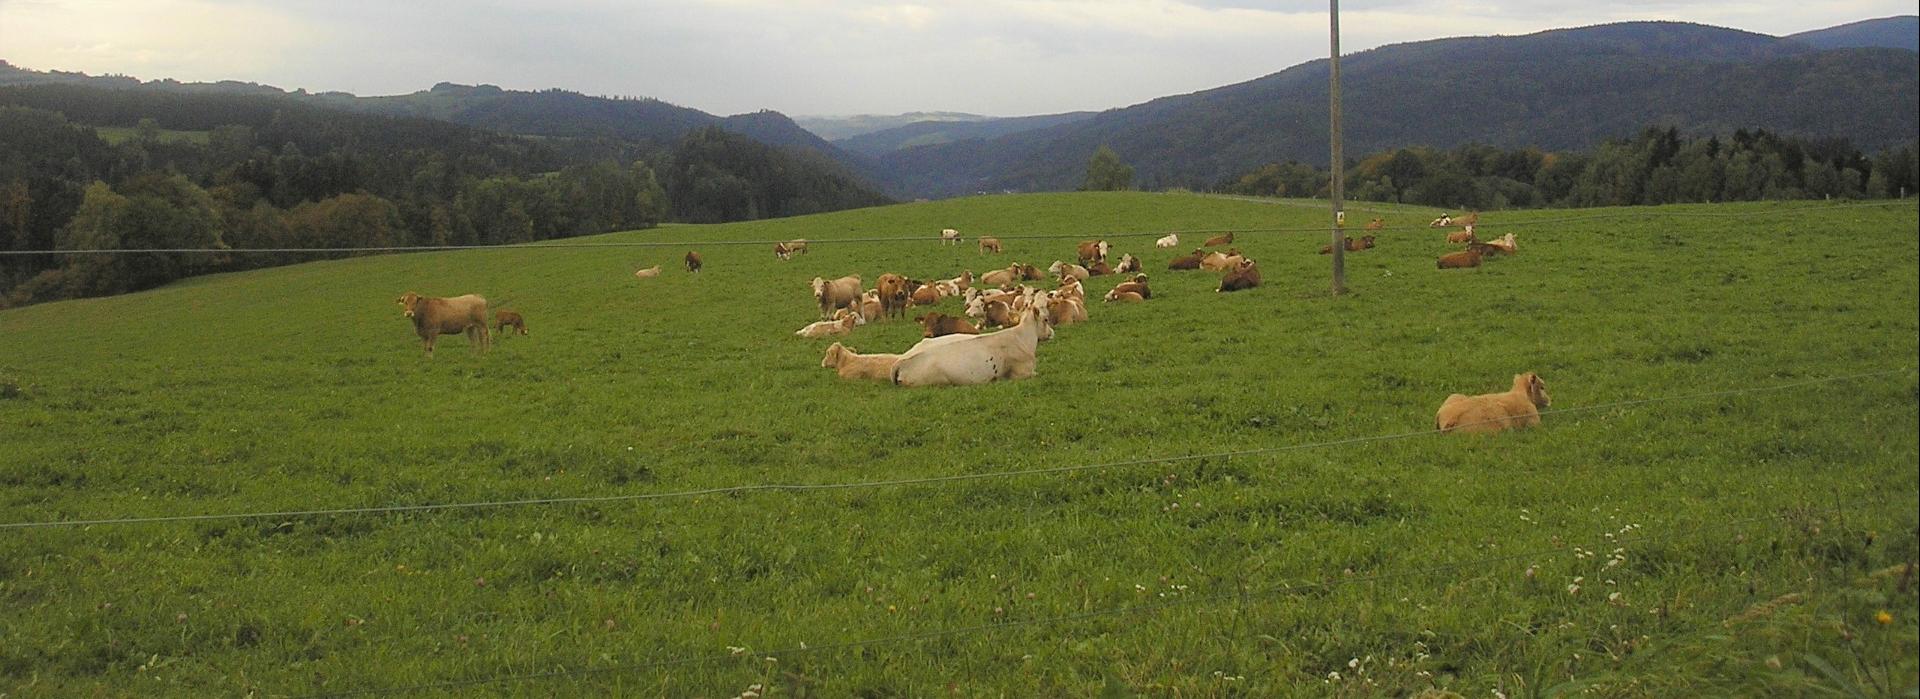 <p><strong>Welfare.</strong> Pohoda ve stáji i venku. Zvířata jsou od jara do podzimu na pastvách, v zimě pak volně ustájena <strong>bez uvazování</strong>.</p>